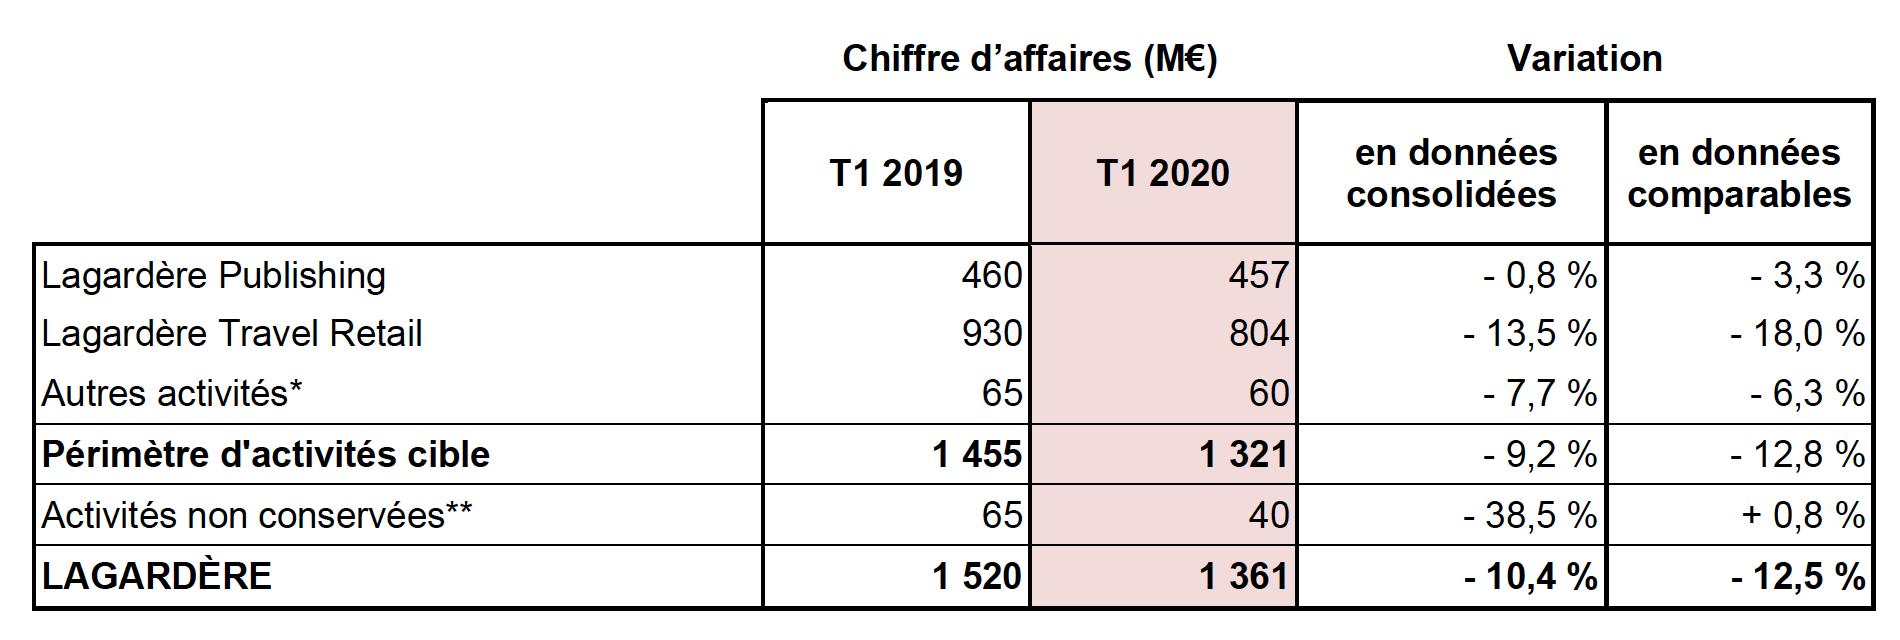 Lagardère : chiffre d'affaires en baisse au 1er trimestre 2020